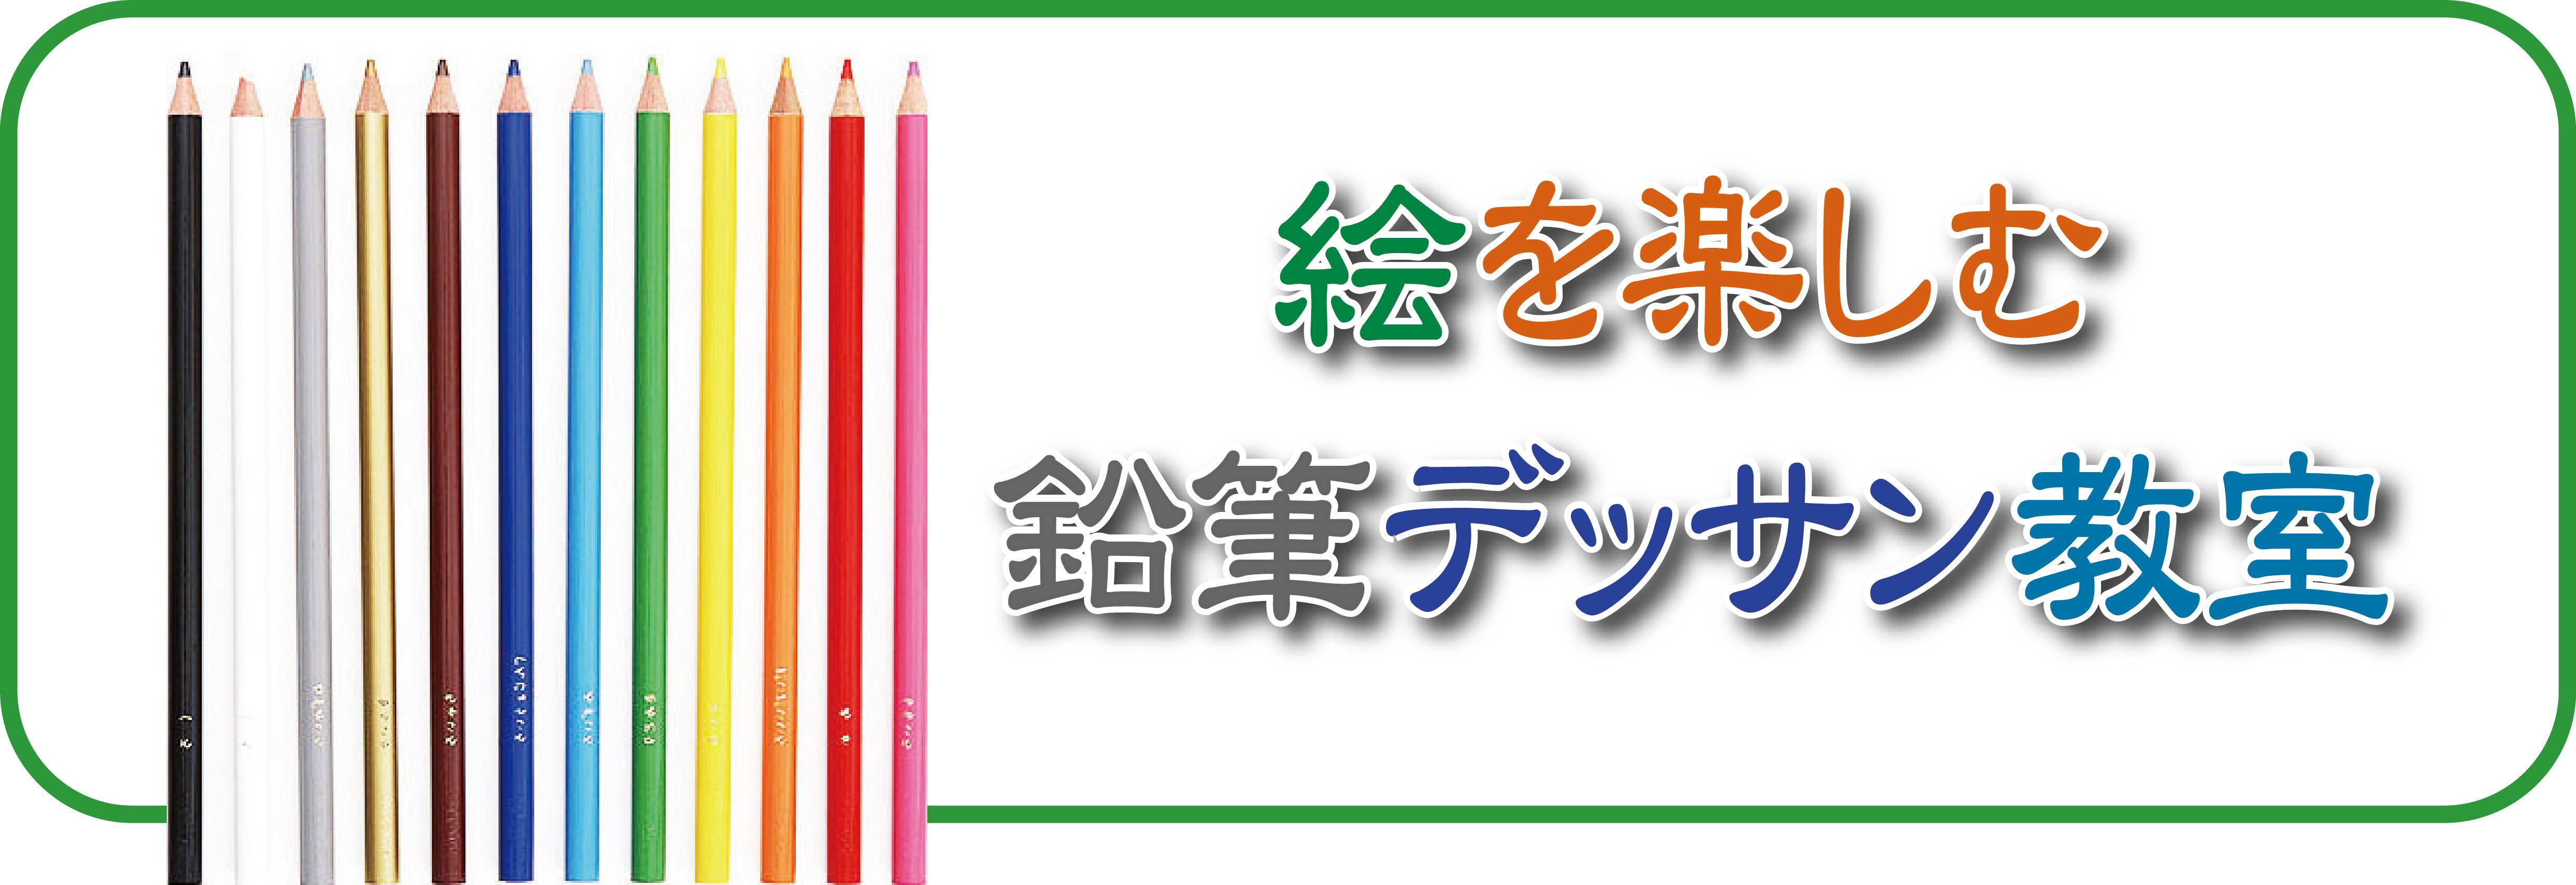 絵画鉛筆デッサン教室 kio.t art(出張教室)(キオティ アート)